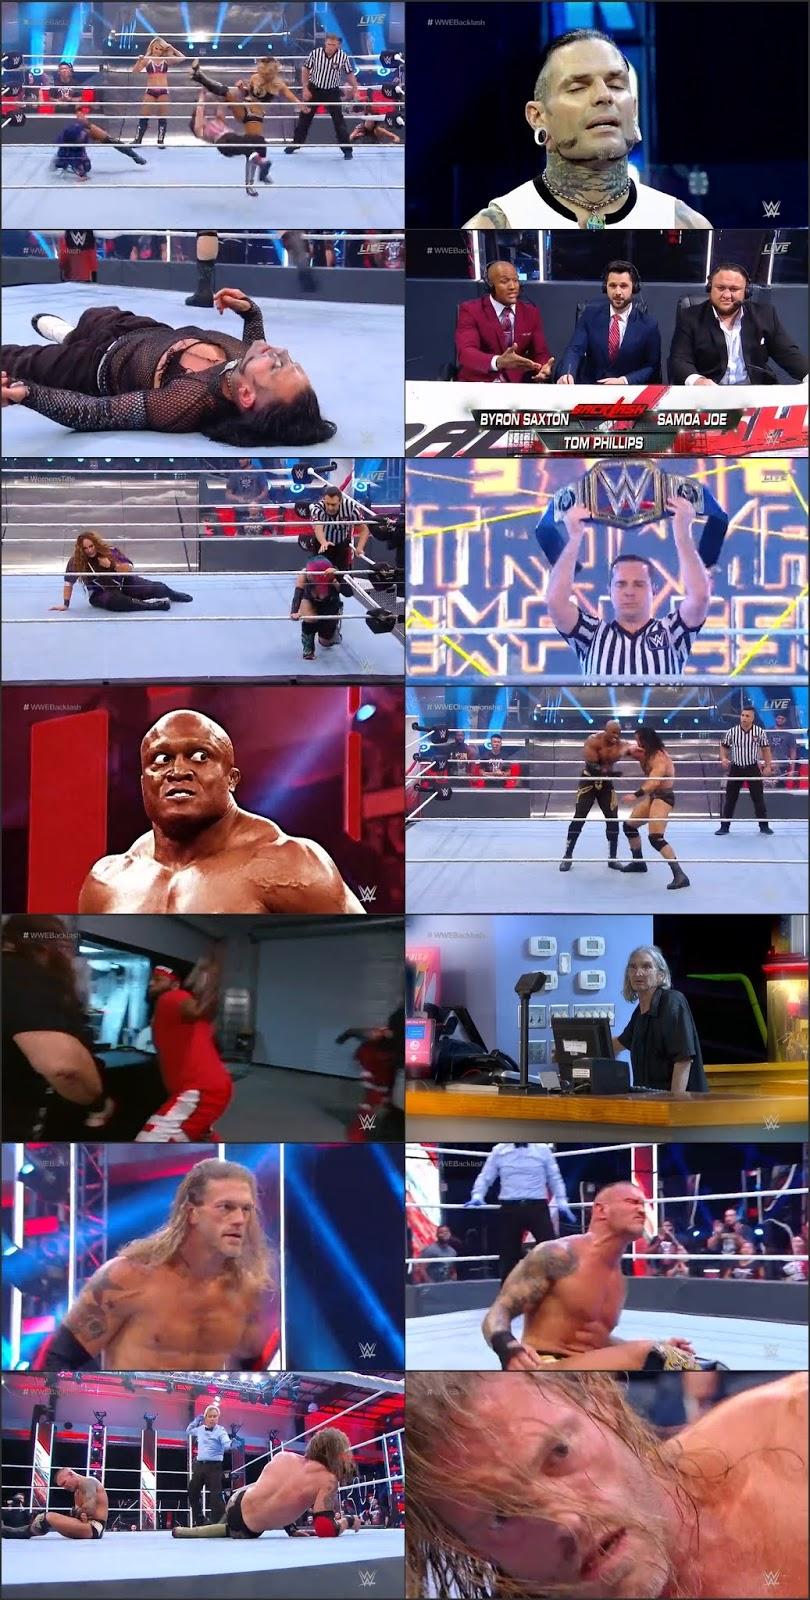 WWE Backlash 2020 PPV 700MB 480p WEBRip Download